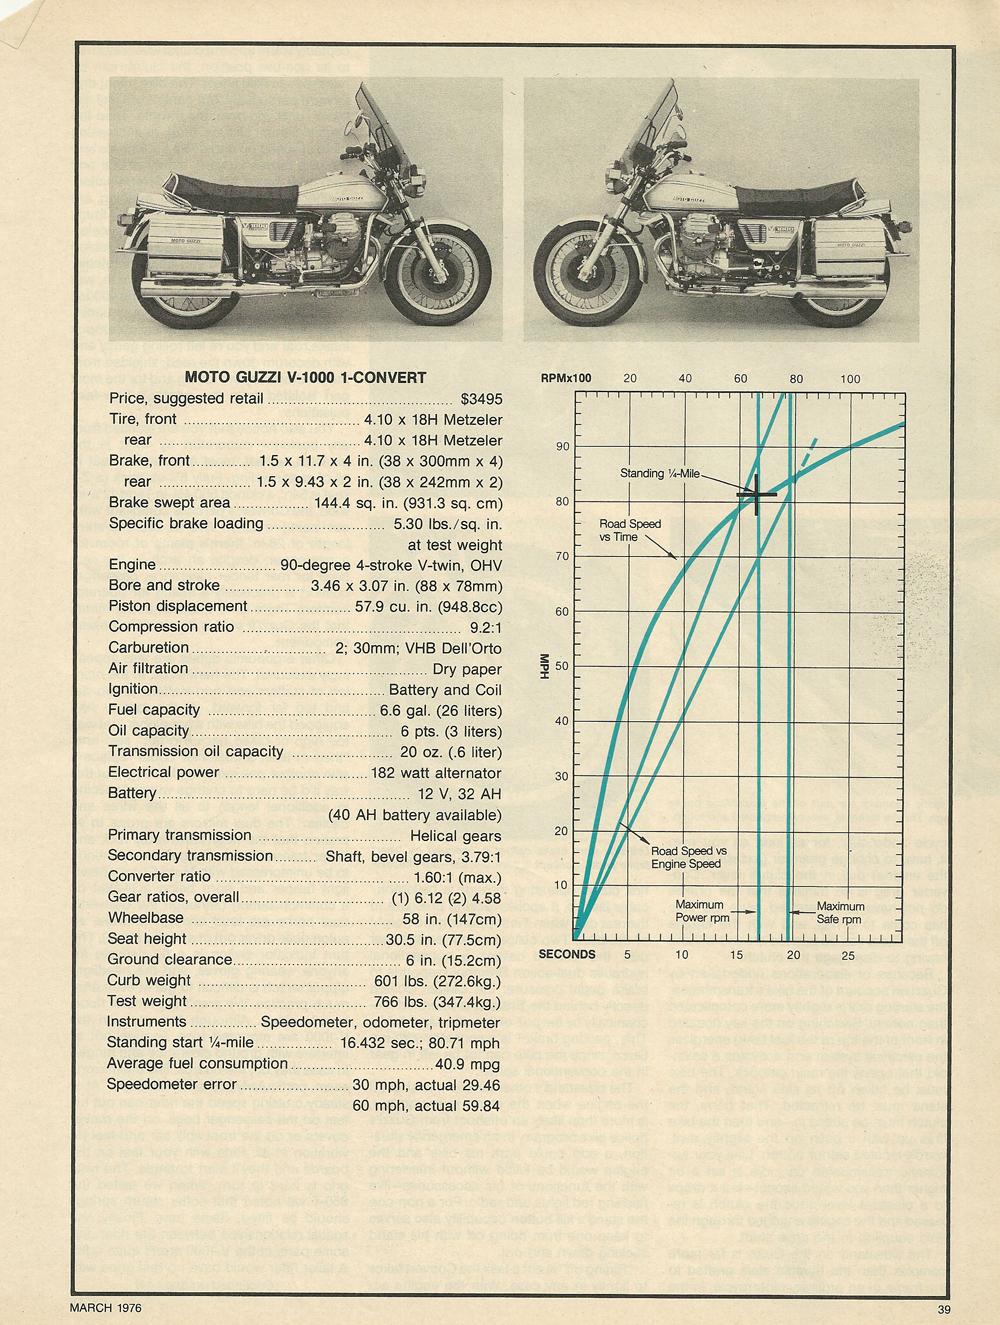 1976-moto-guzzi-v1000-convert-road-test-4